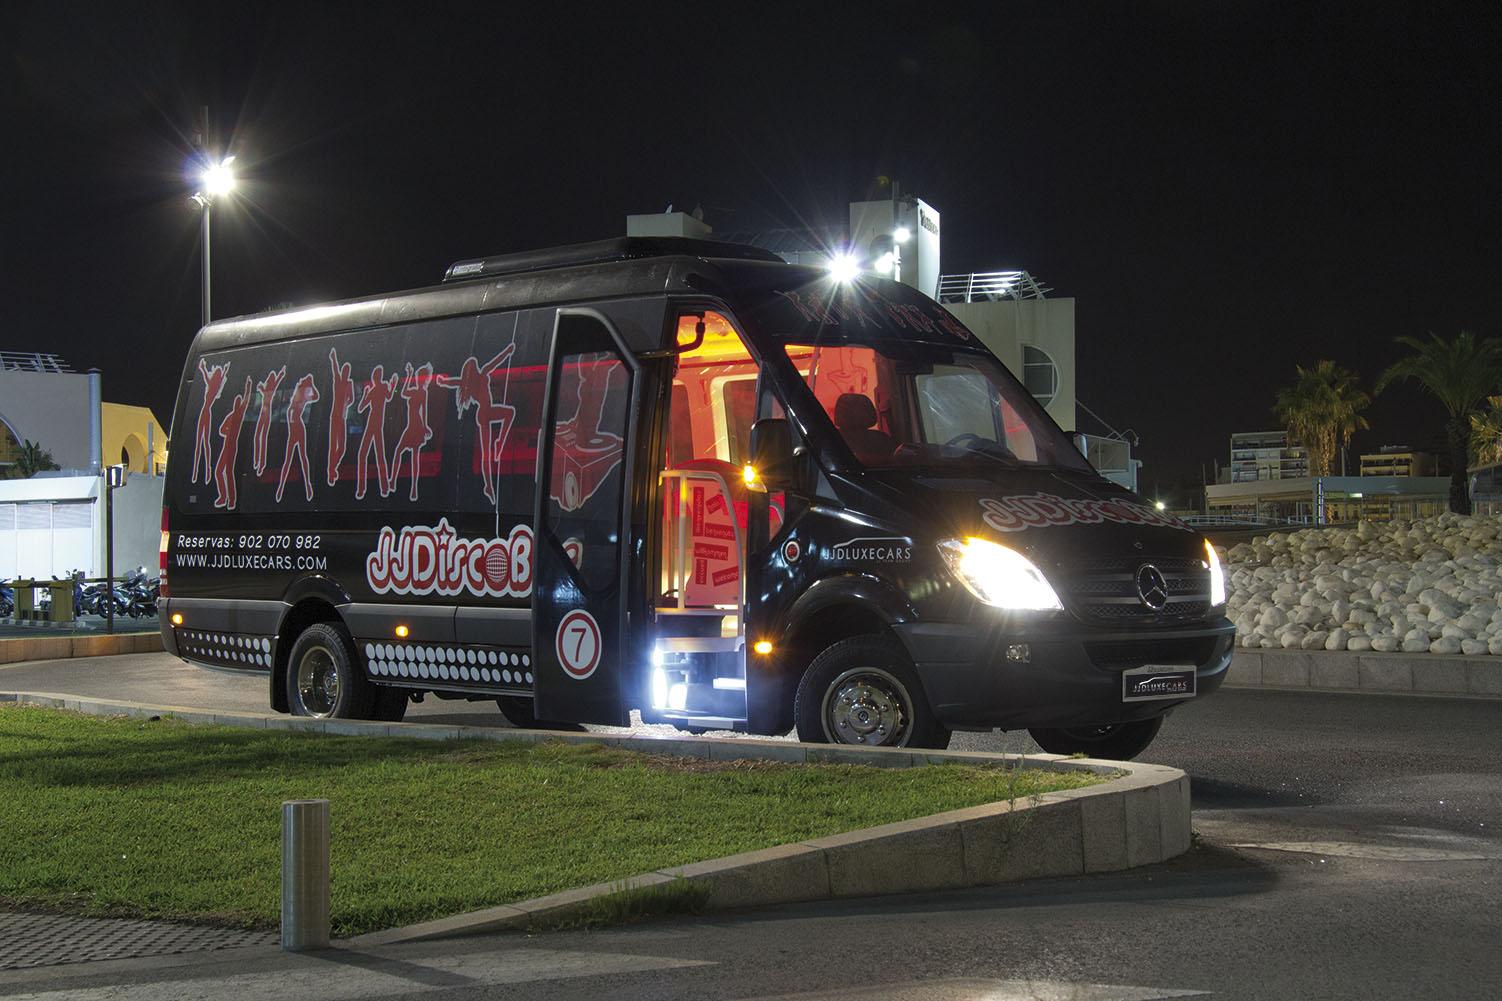 discobus Alicante